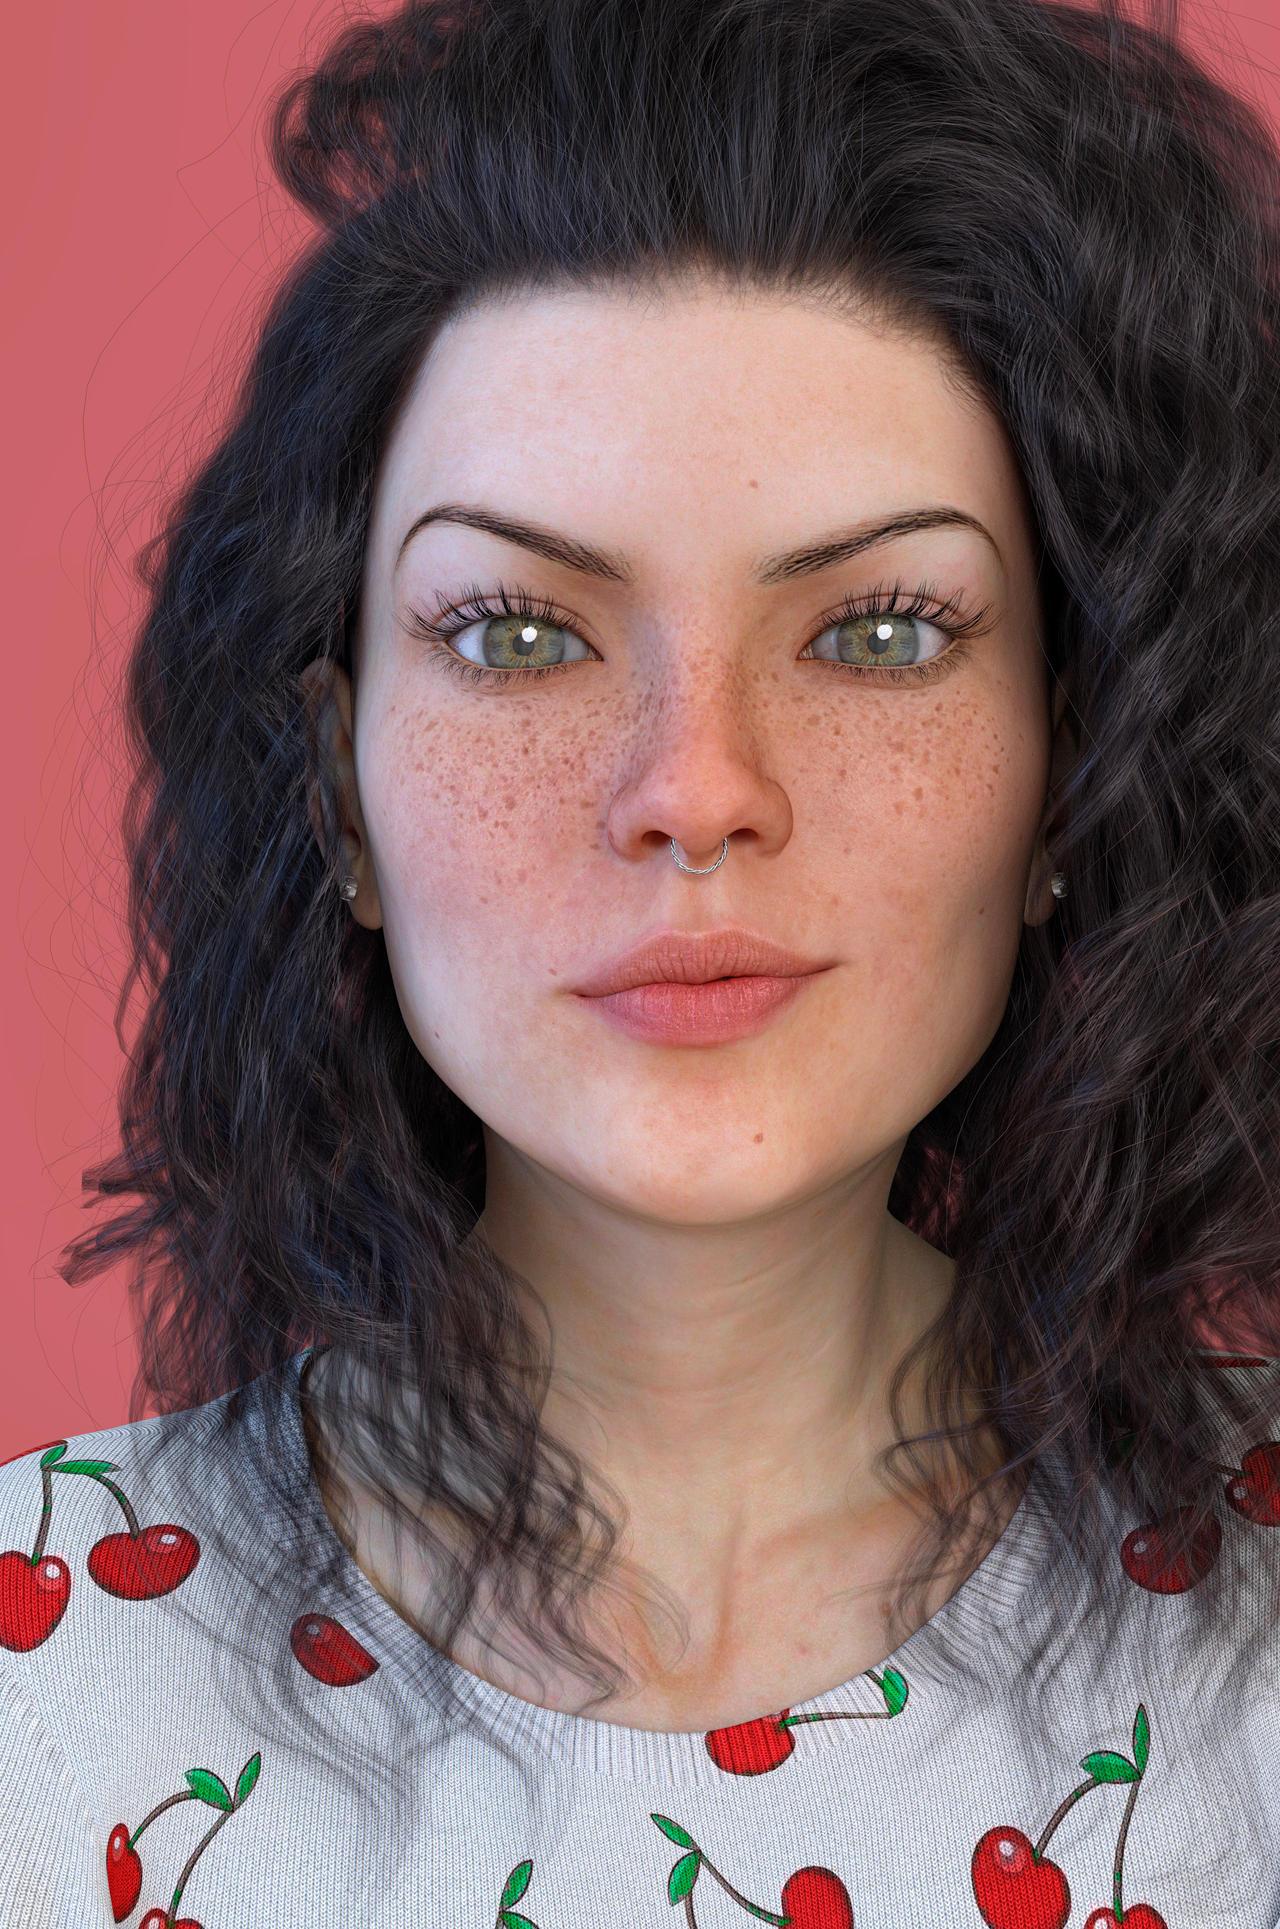 Cherri Portrait